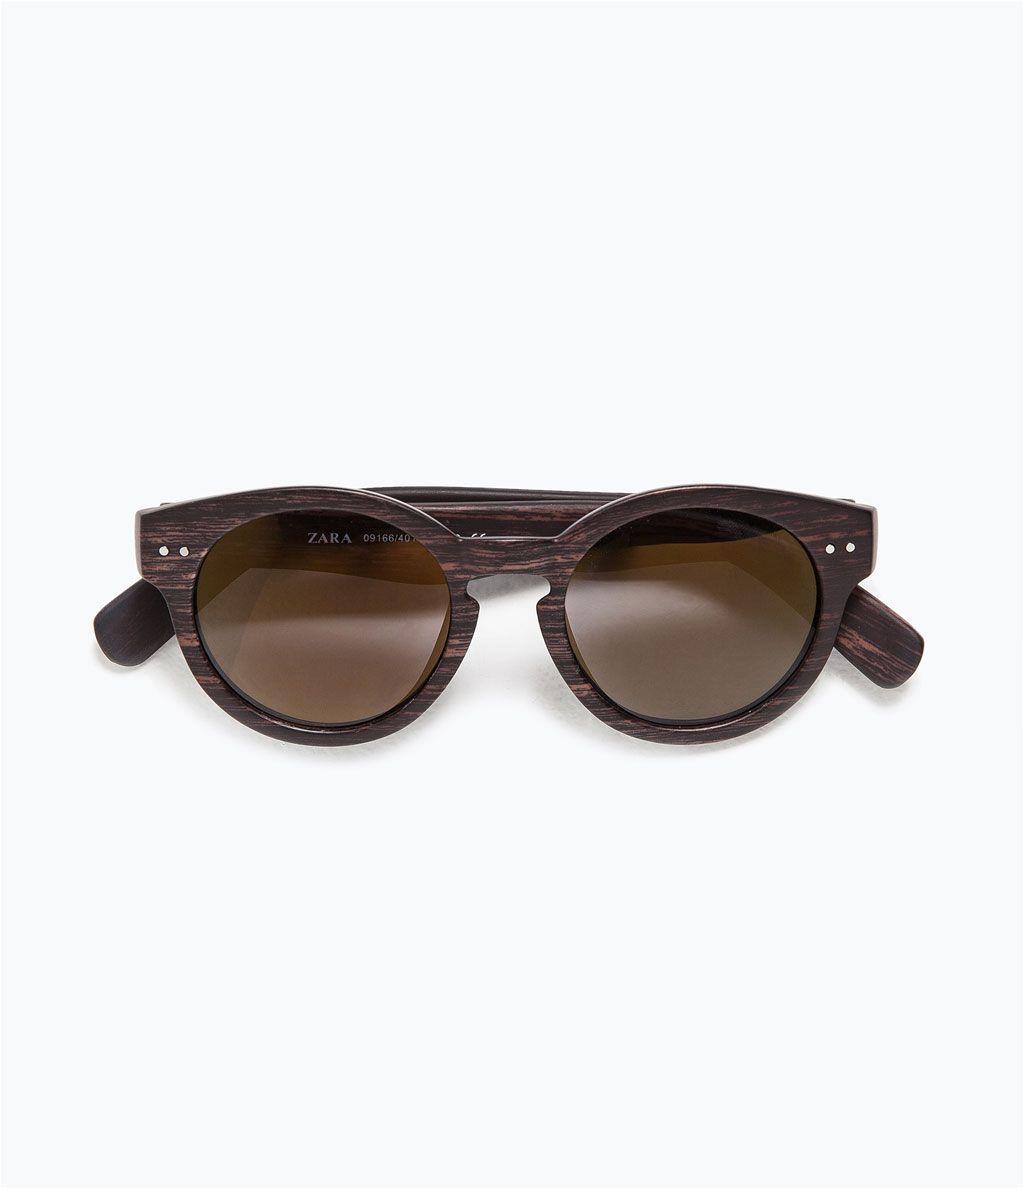 333dc6c4d6 ZARA - HOMBRE - GAFAS DE SOL REDONDAS | Glasses en 2019 | Gafas de ...